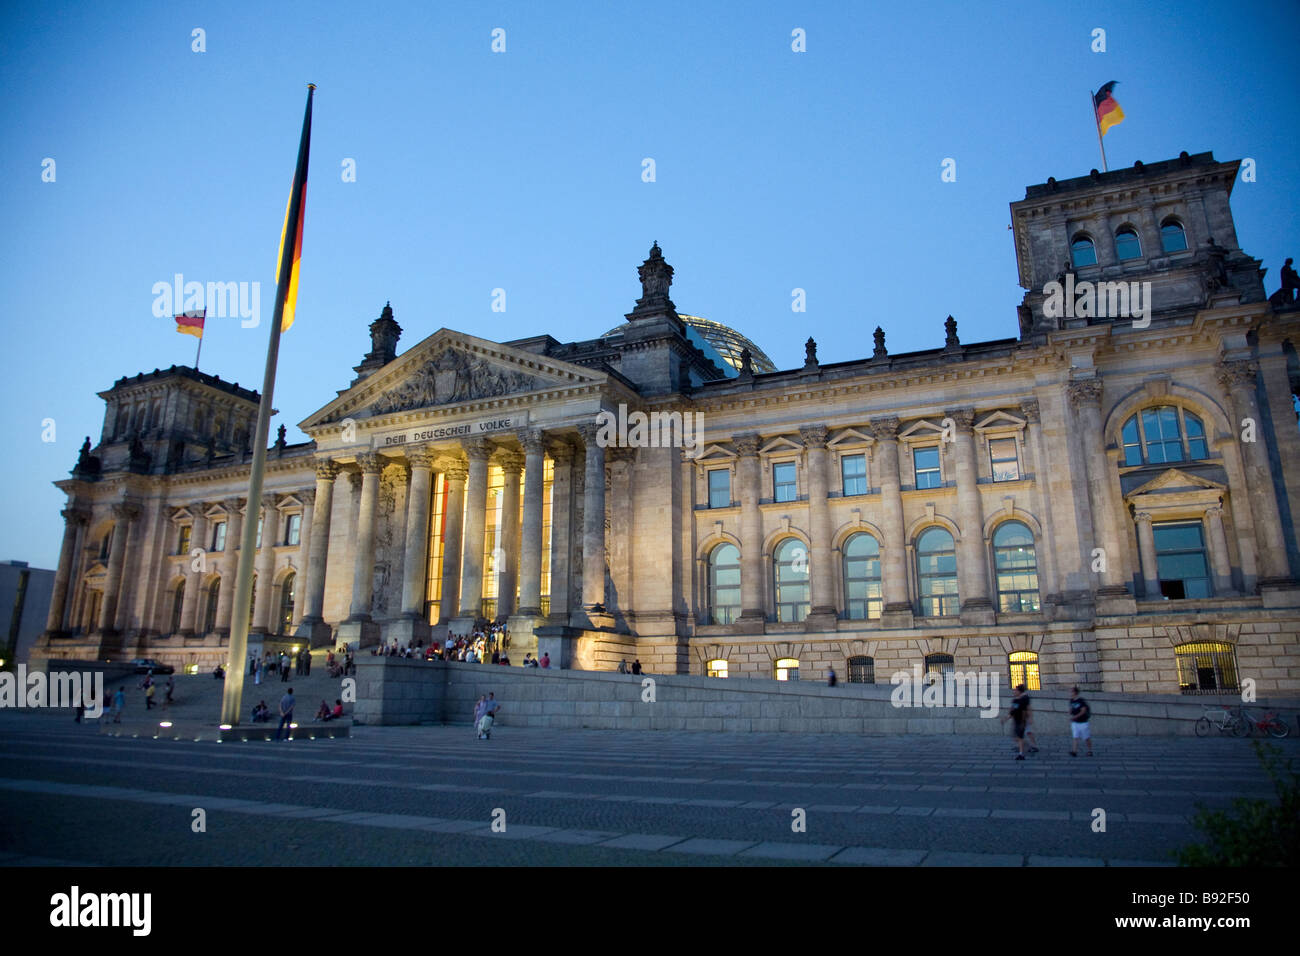 Der Reichstag in der Nacht ist ein beliebtes Ausflugsziel in Berlin Stockbild